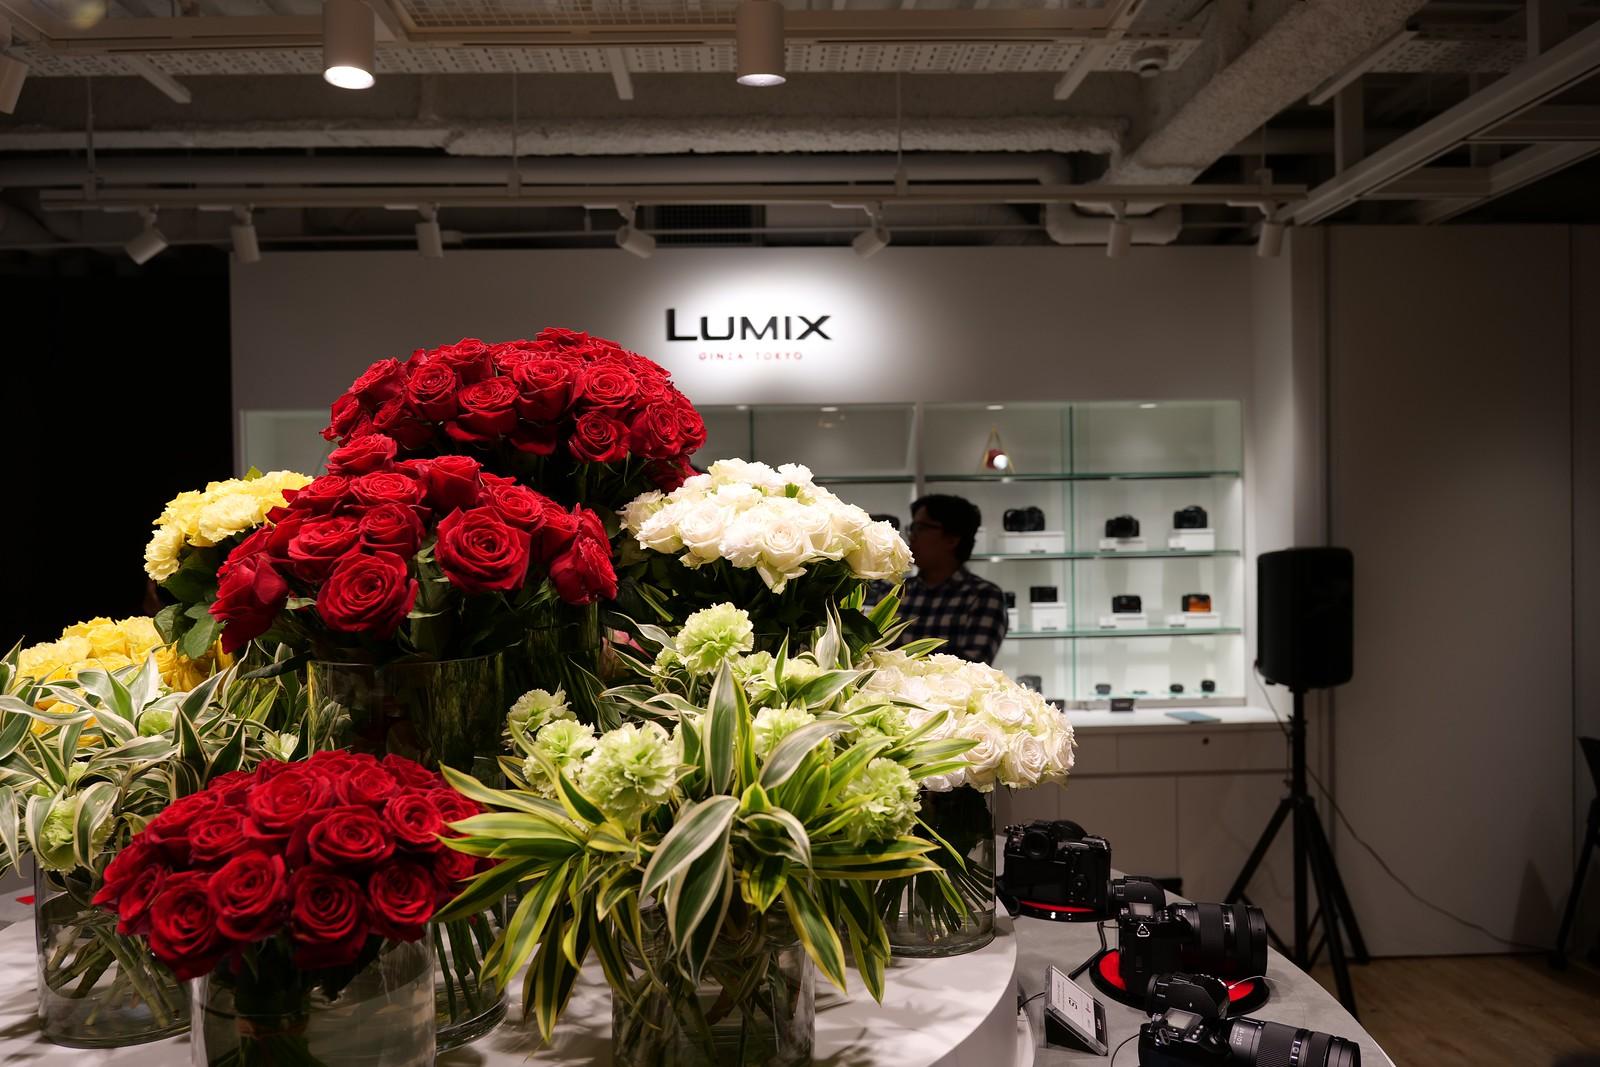 Panasonic LUMIX S1 - LUMIX S 24-105mm F4 MACRO O.I.S. - @ 24mm / F4